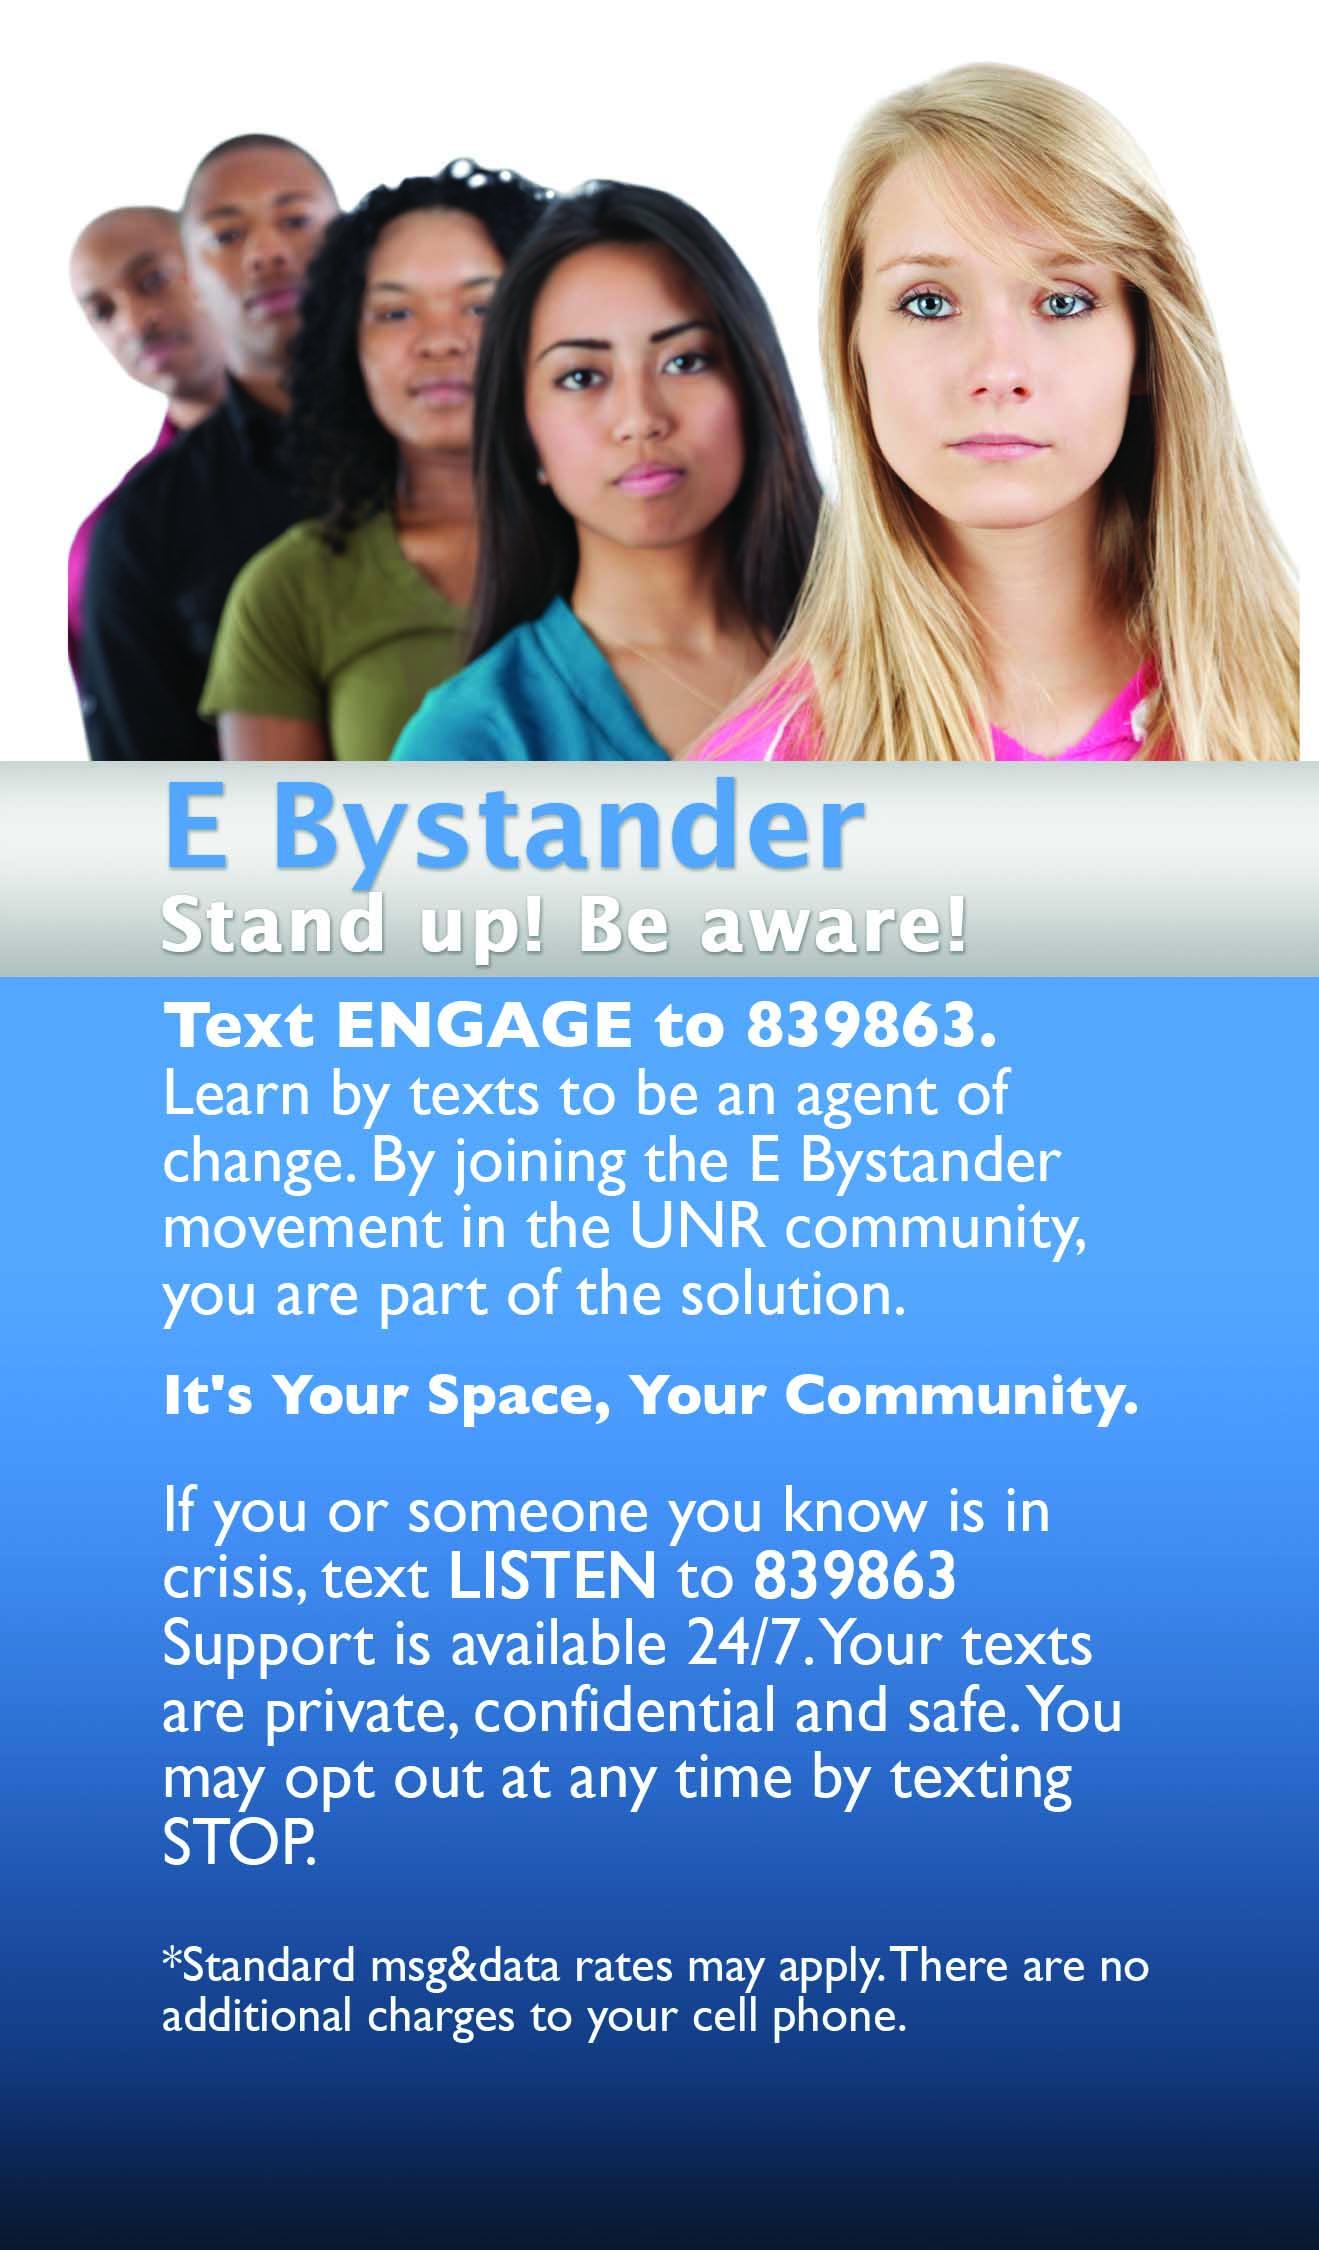 ebystander-cardA(1).jpg